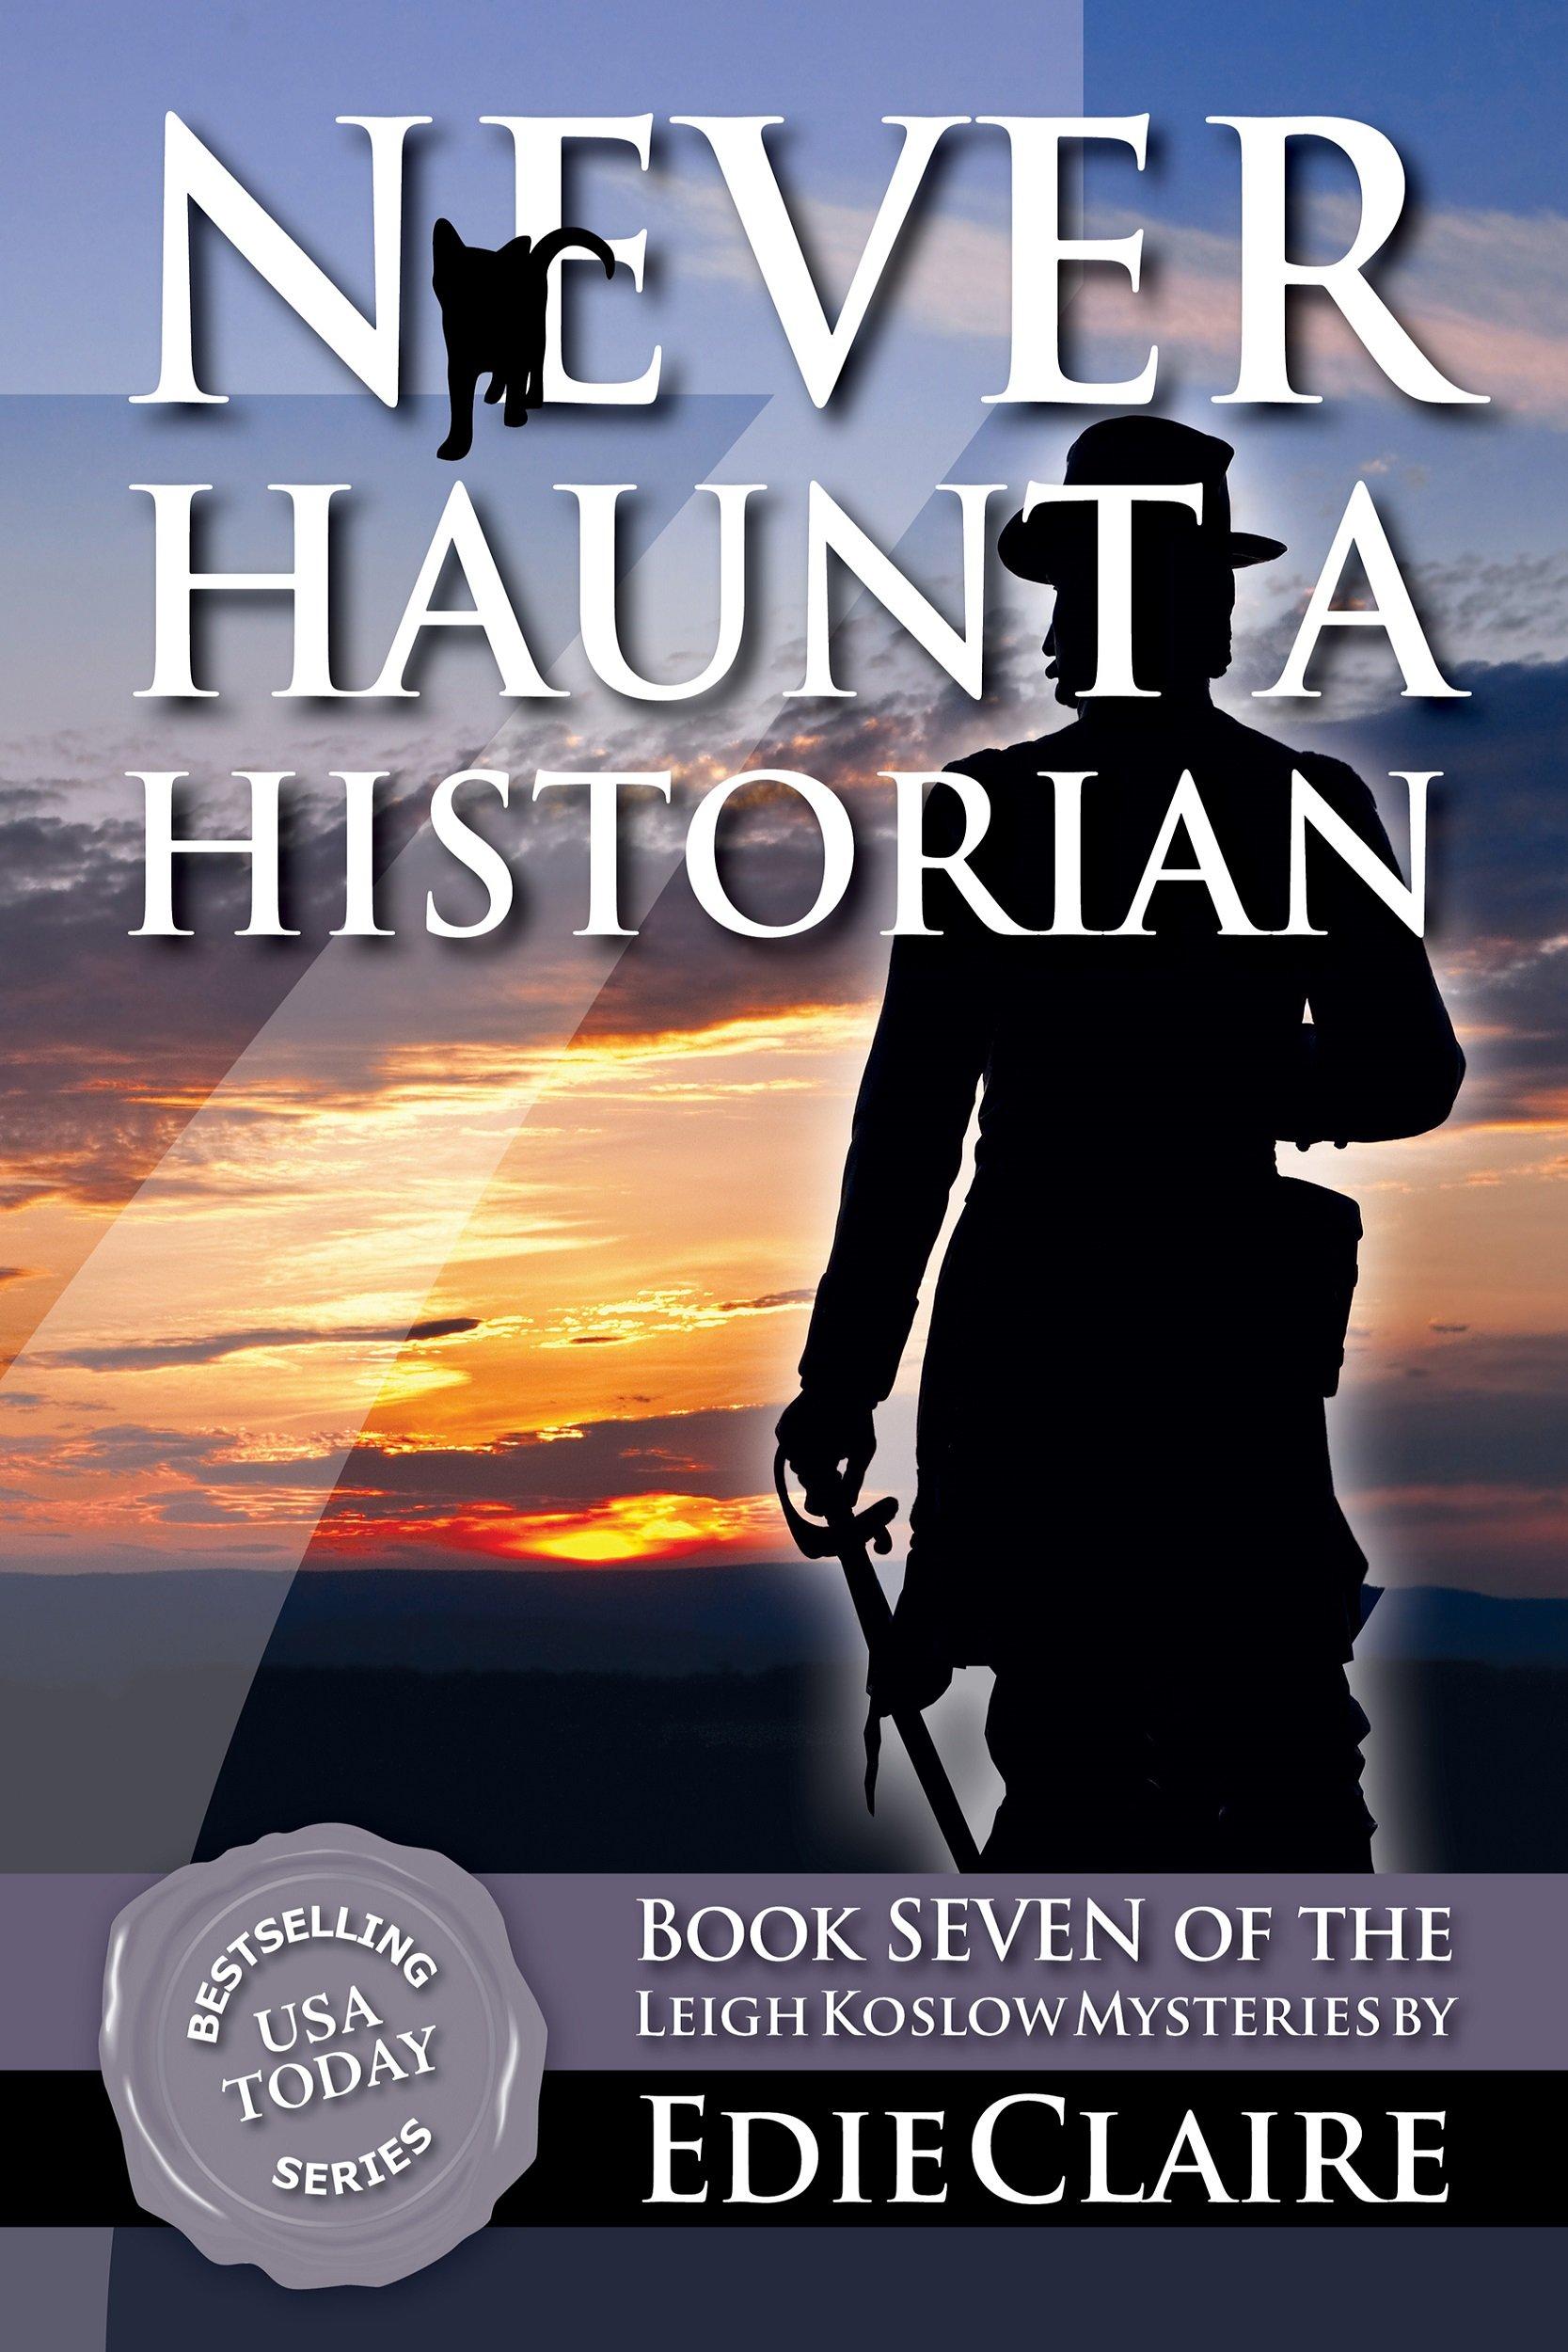 Never Haunt a Historian Cover